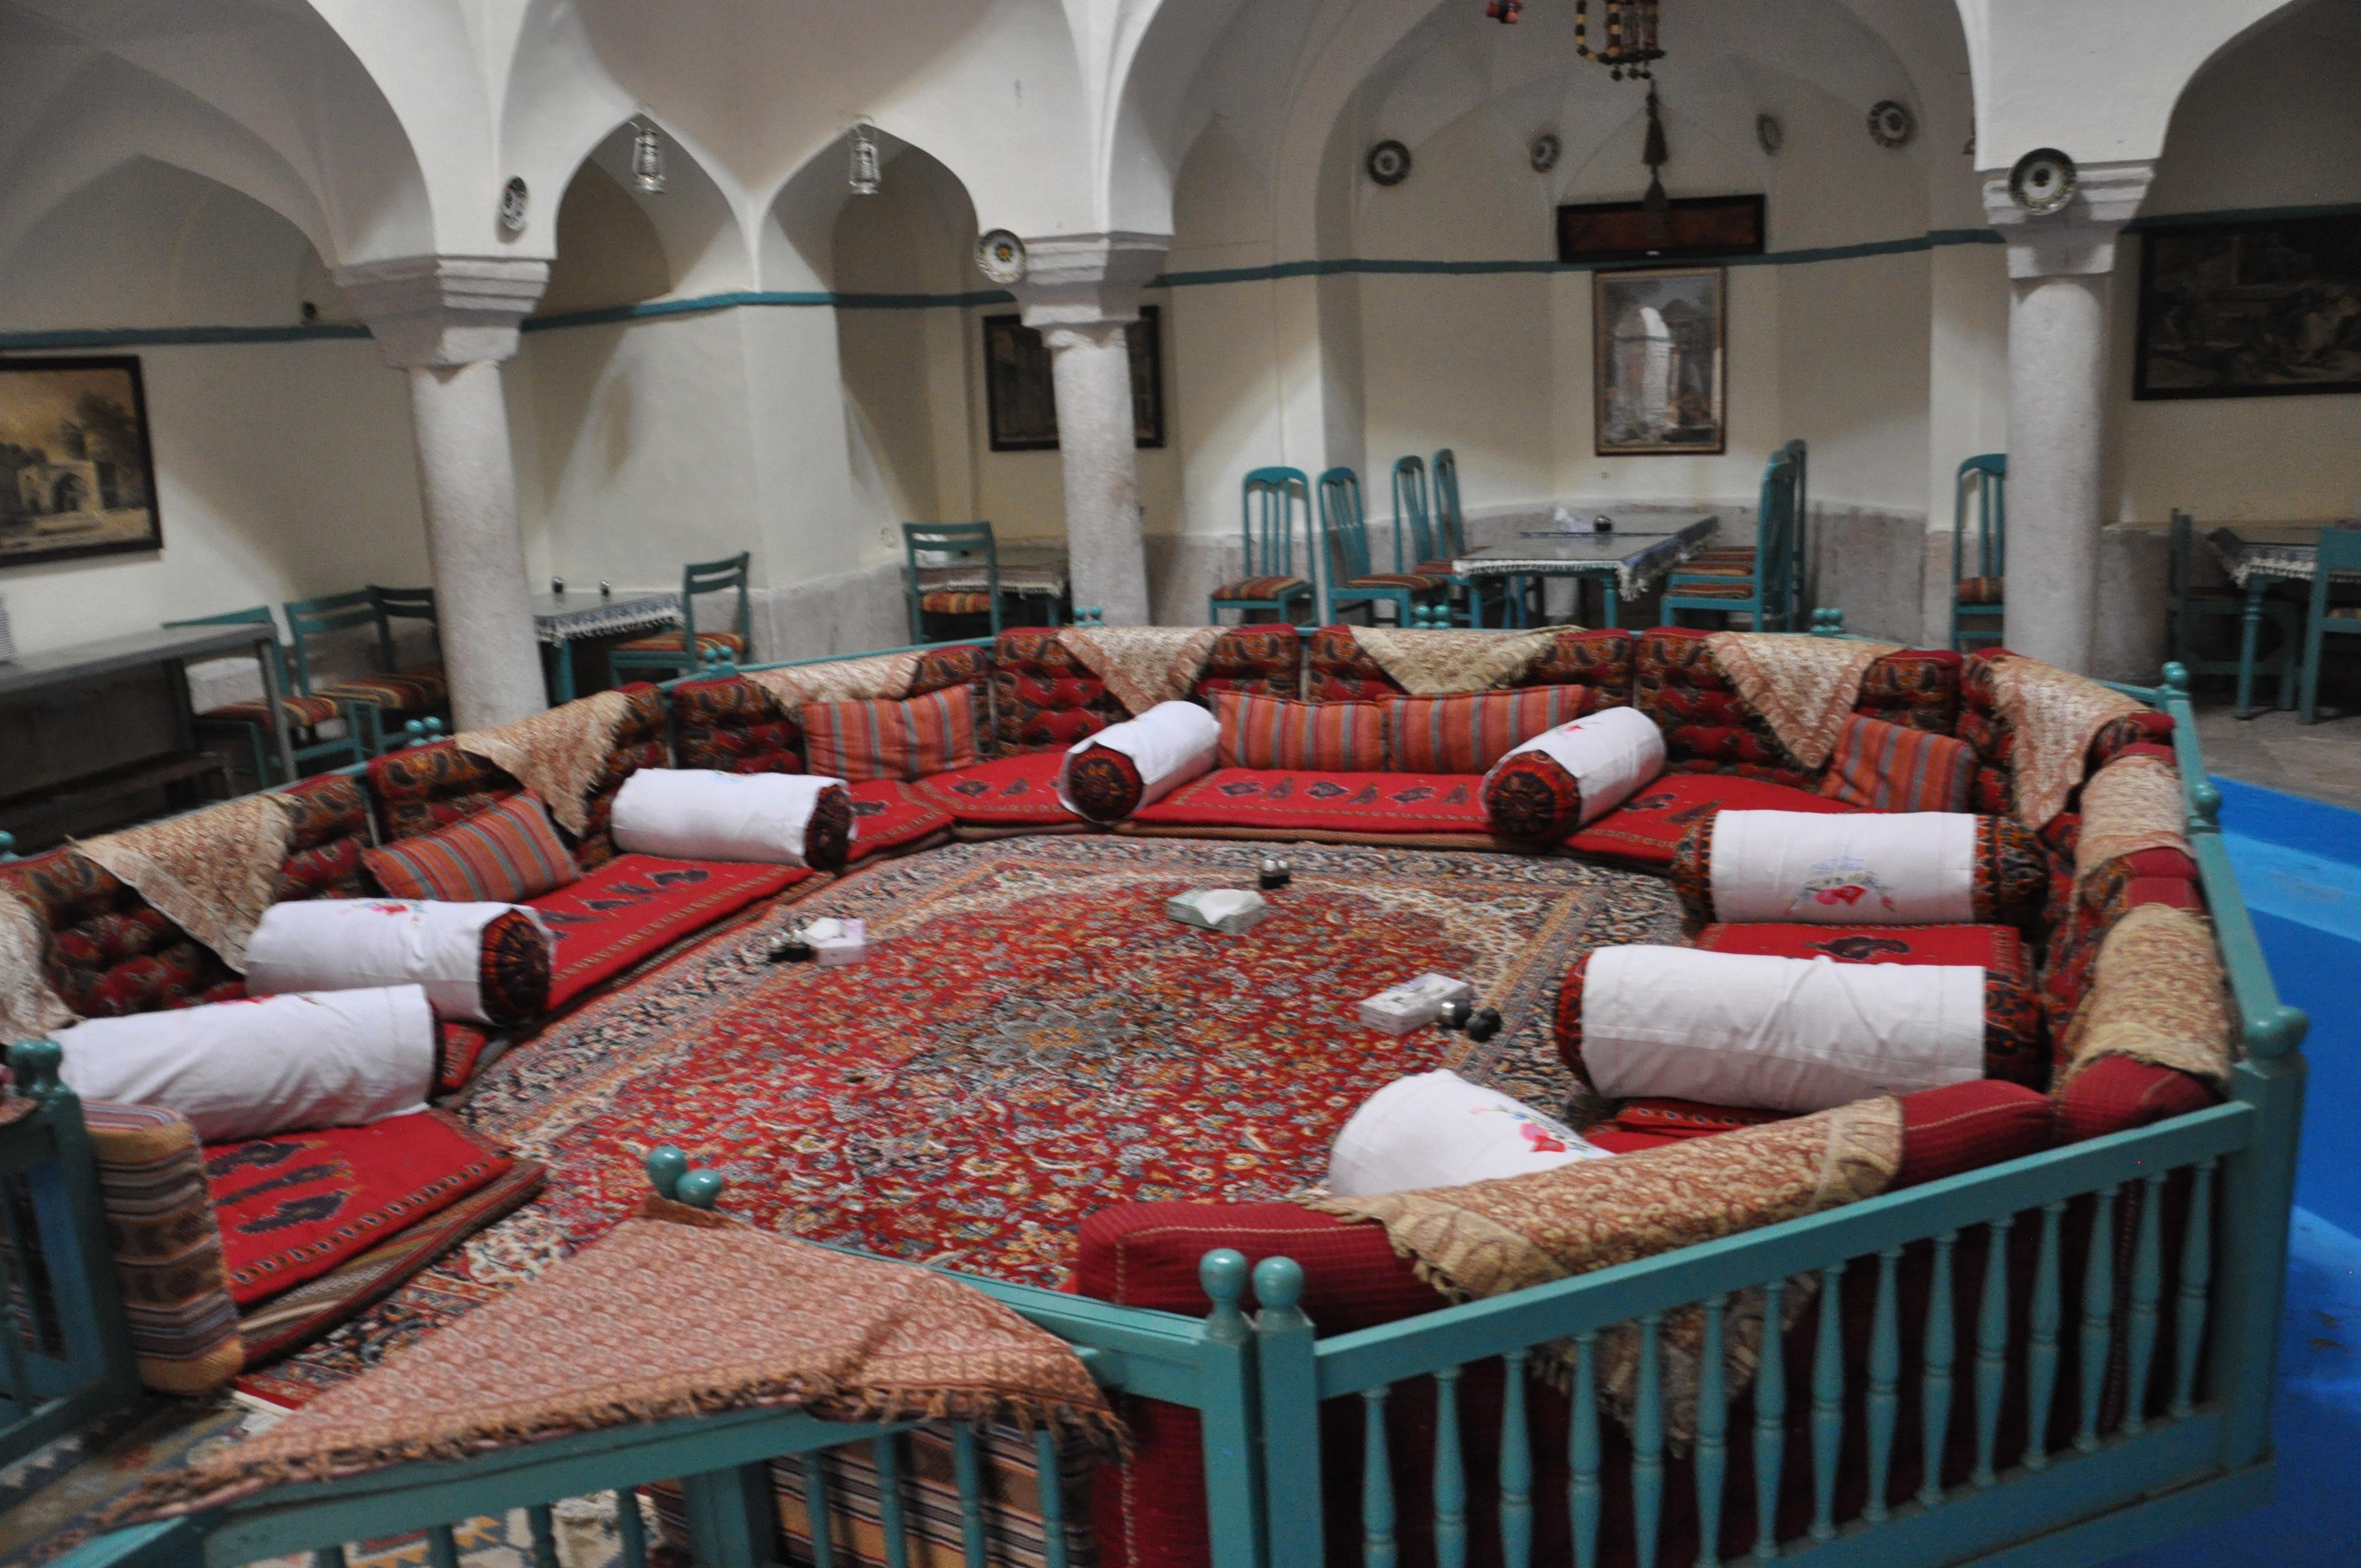 Schlafzimmer orientalisch modern: bilder von schlafzimmer planen ...